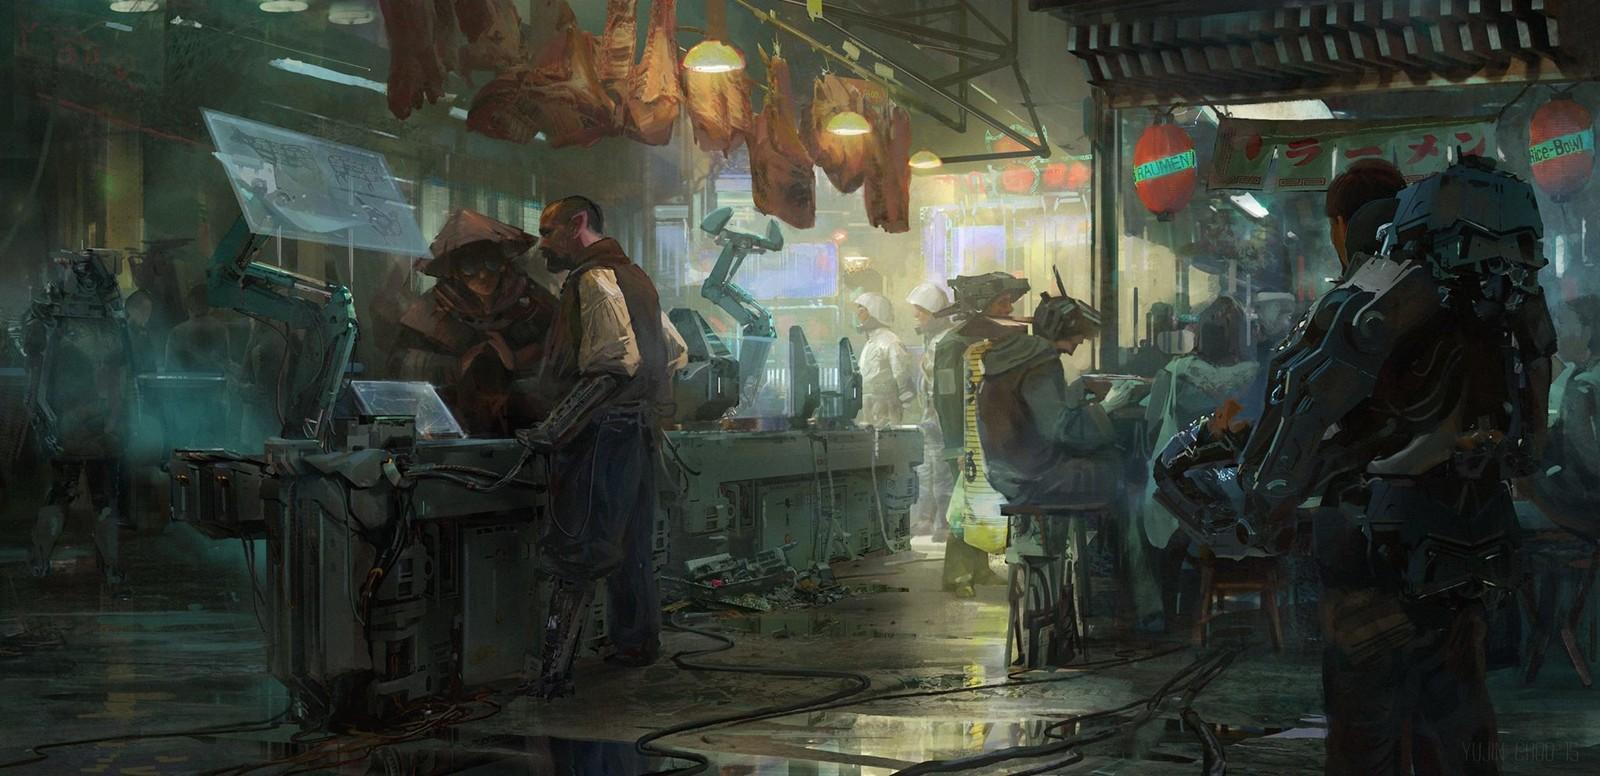 Busy_scifi_market_scene